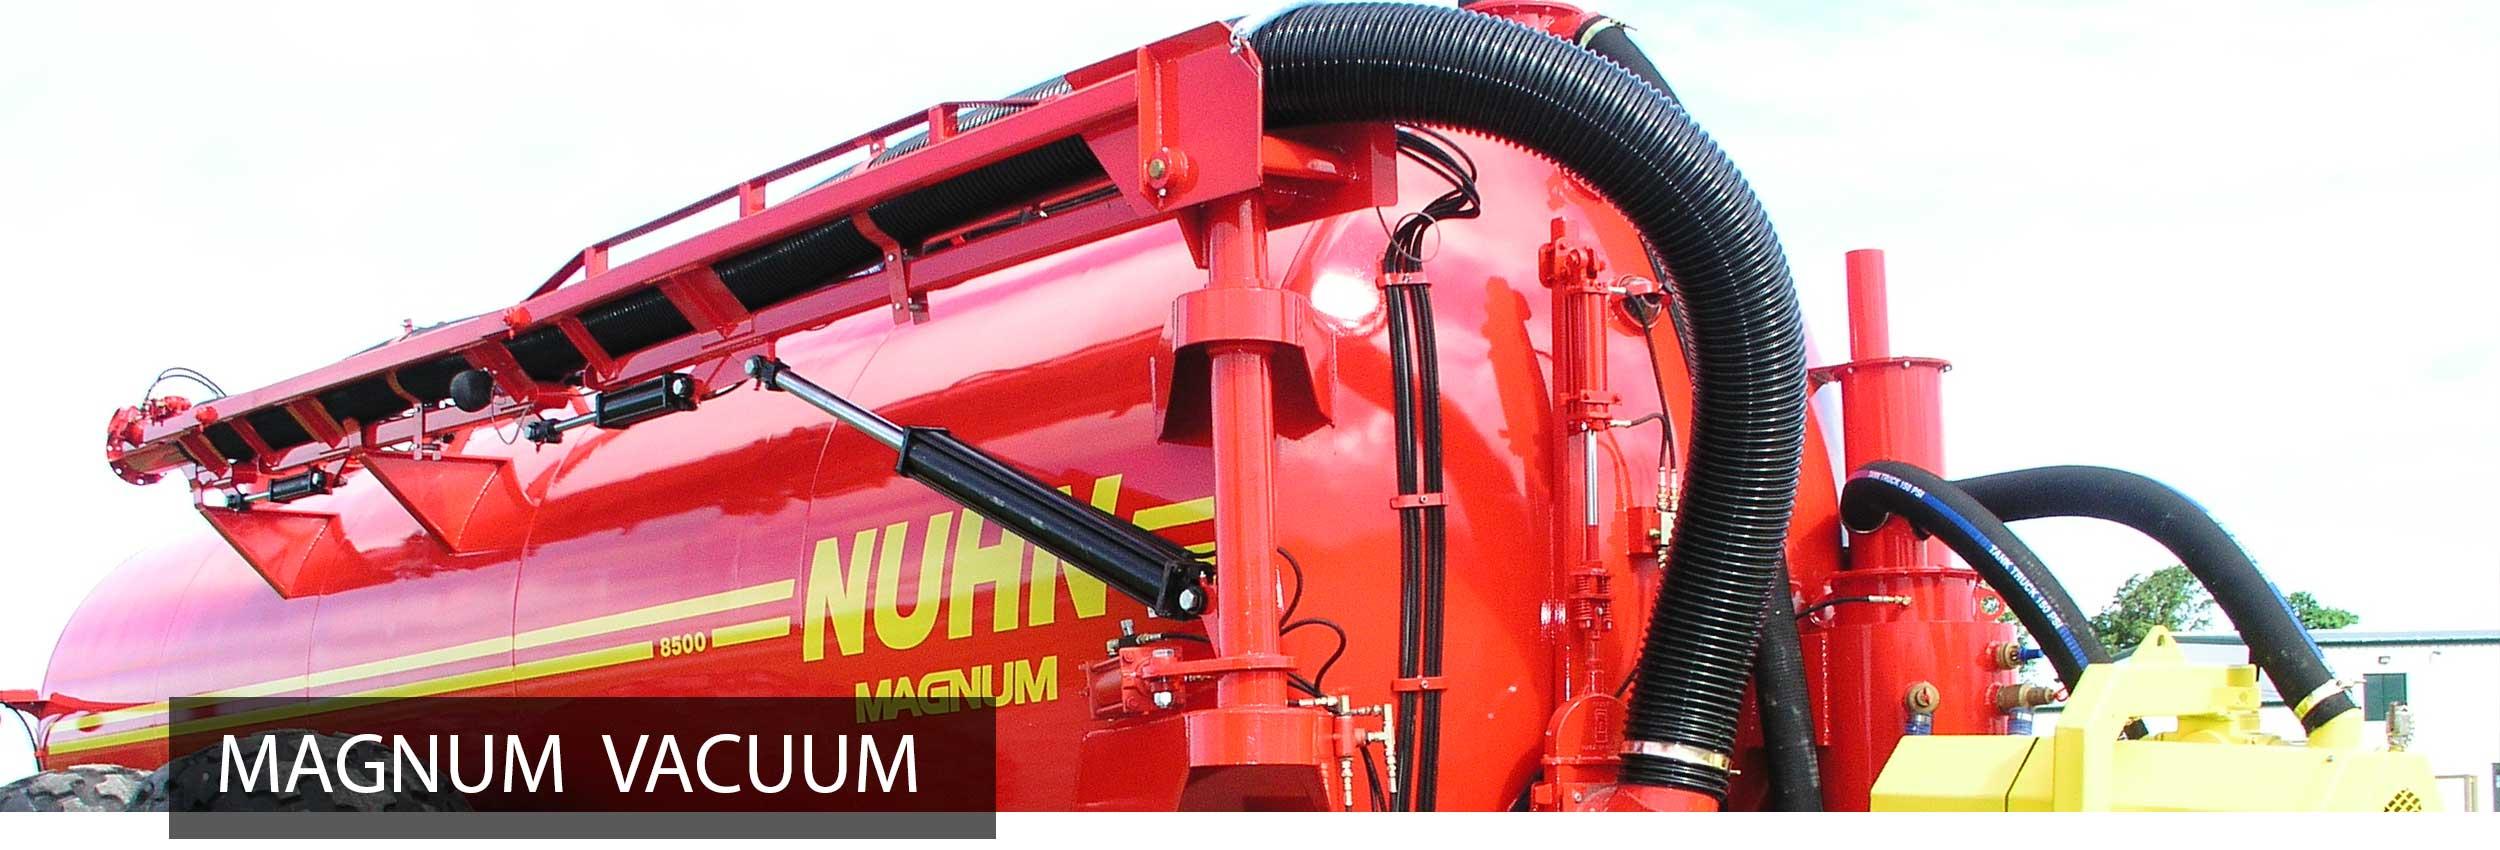 magnum_vacuum3